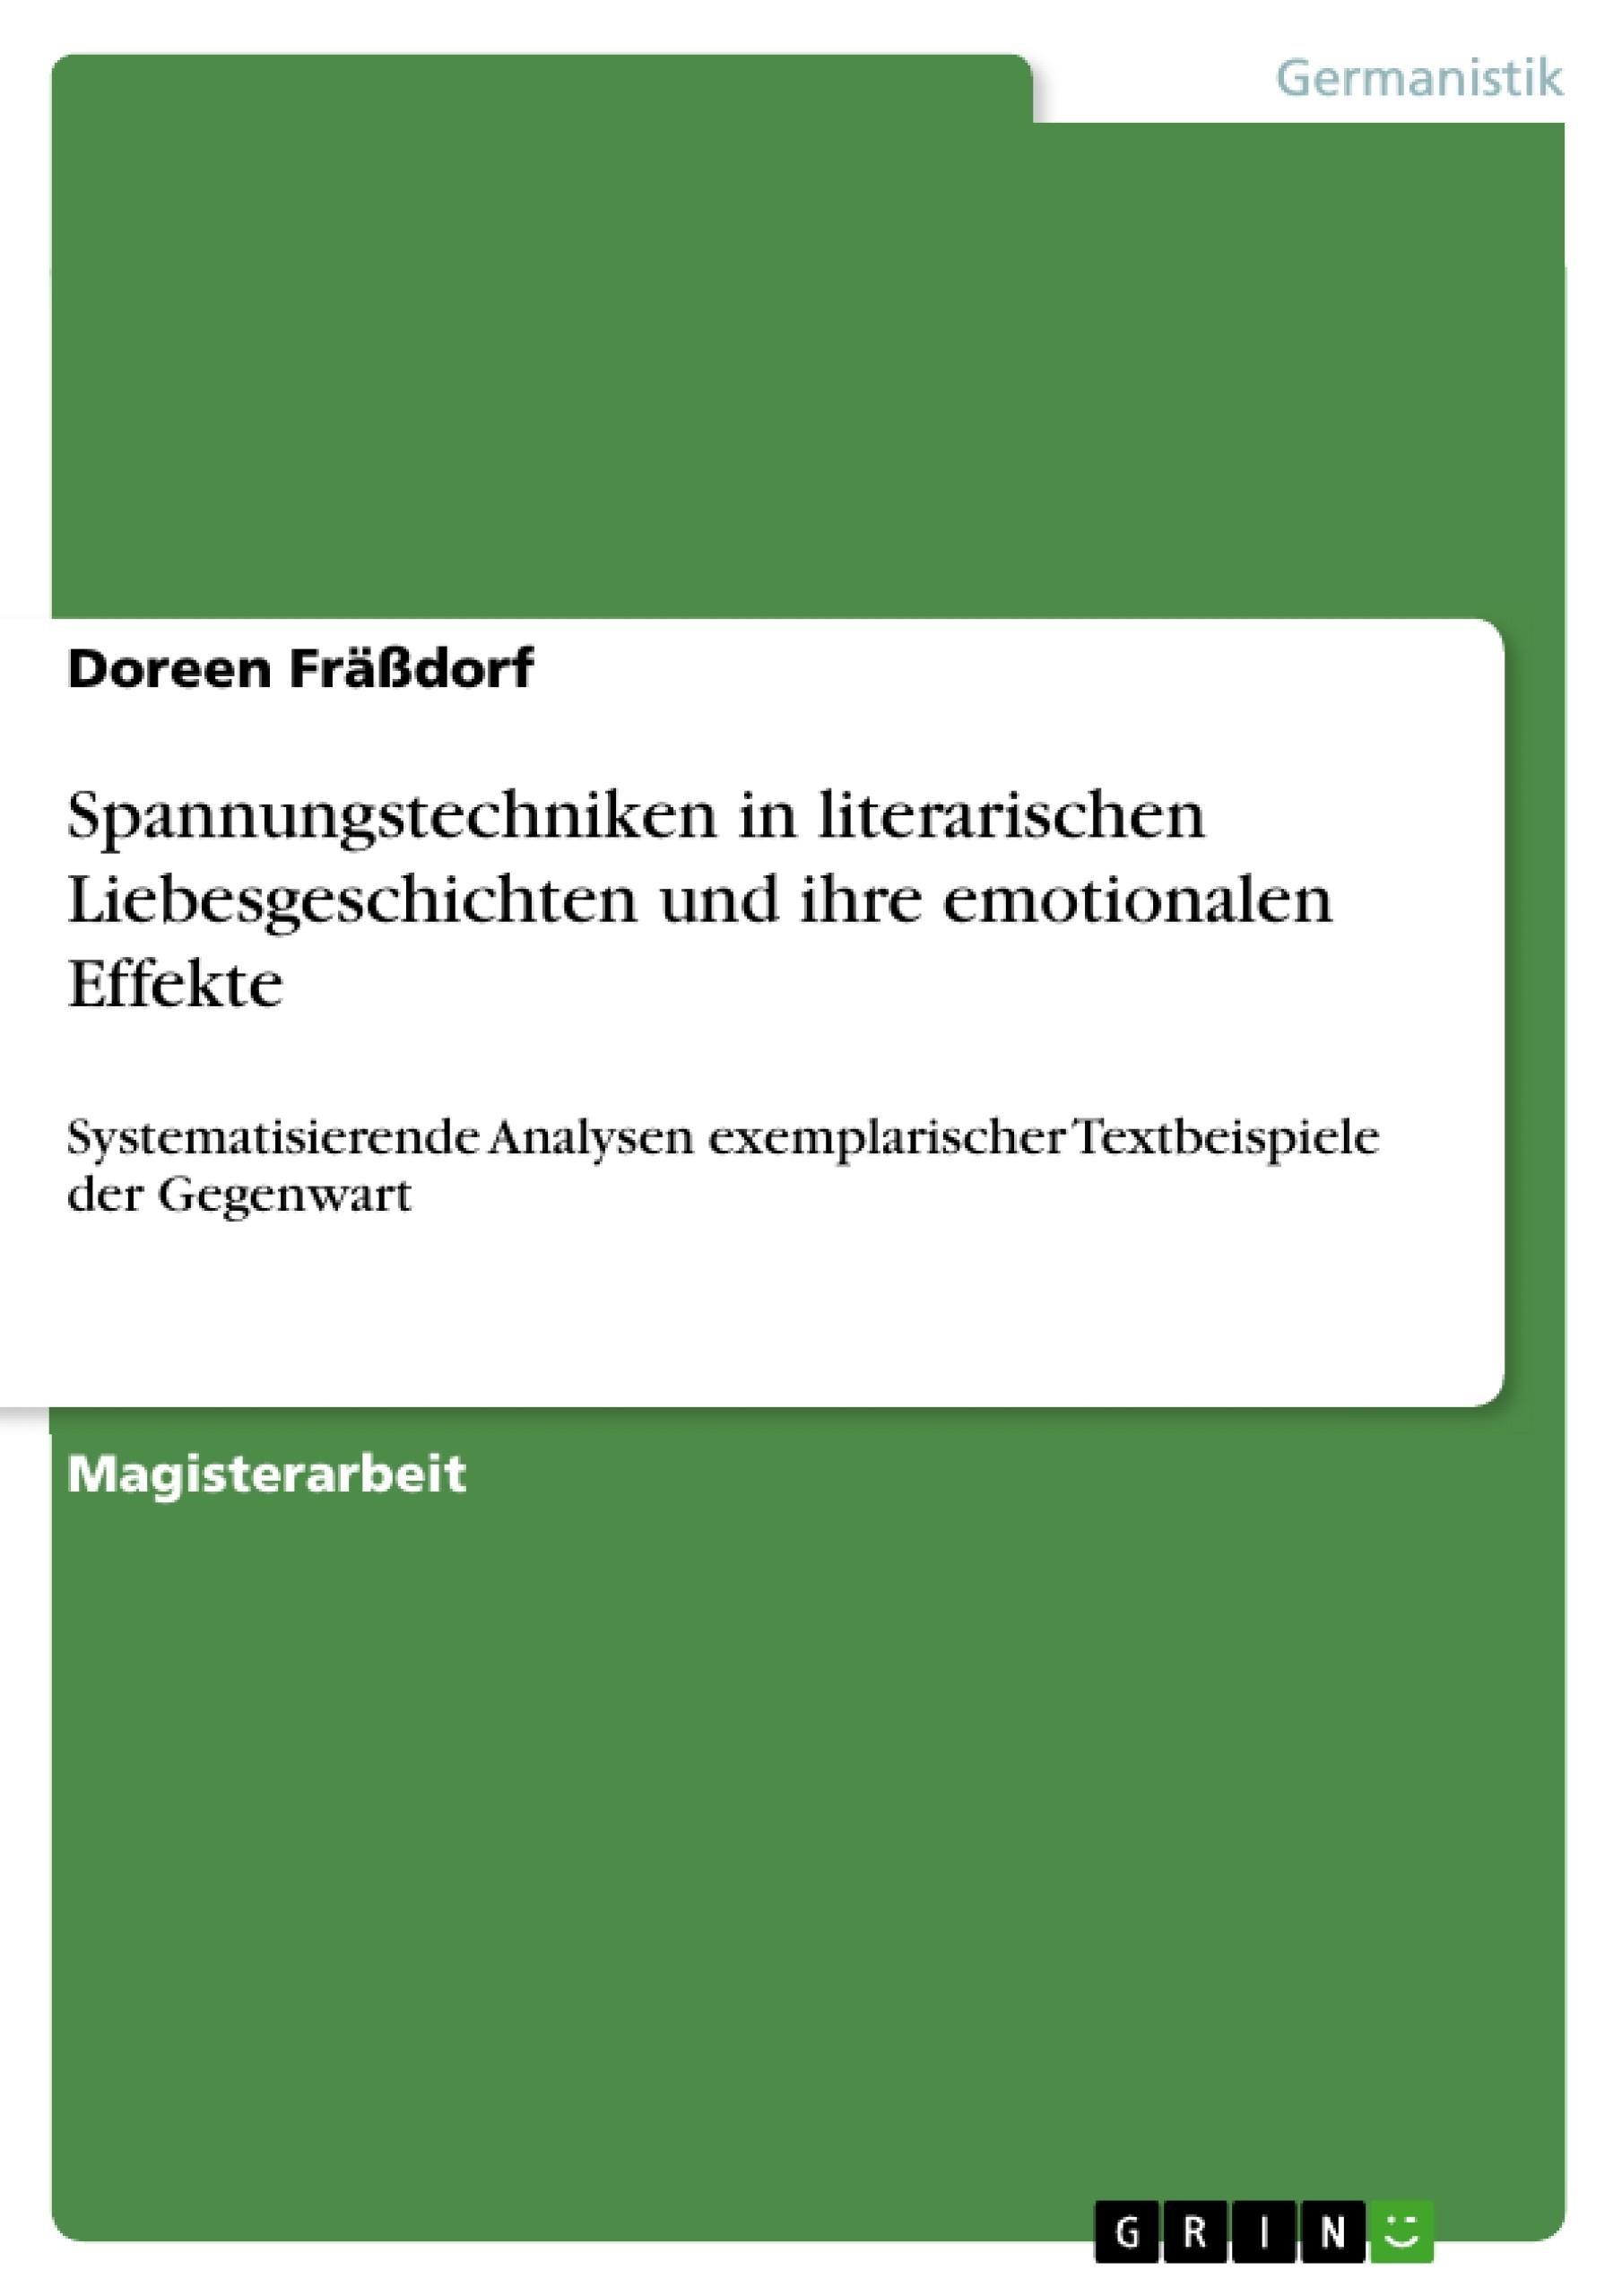 Titel: Spannungstechniken in literarischen Liebesgeschichten und ihre emotionalen Effekte